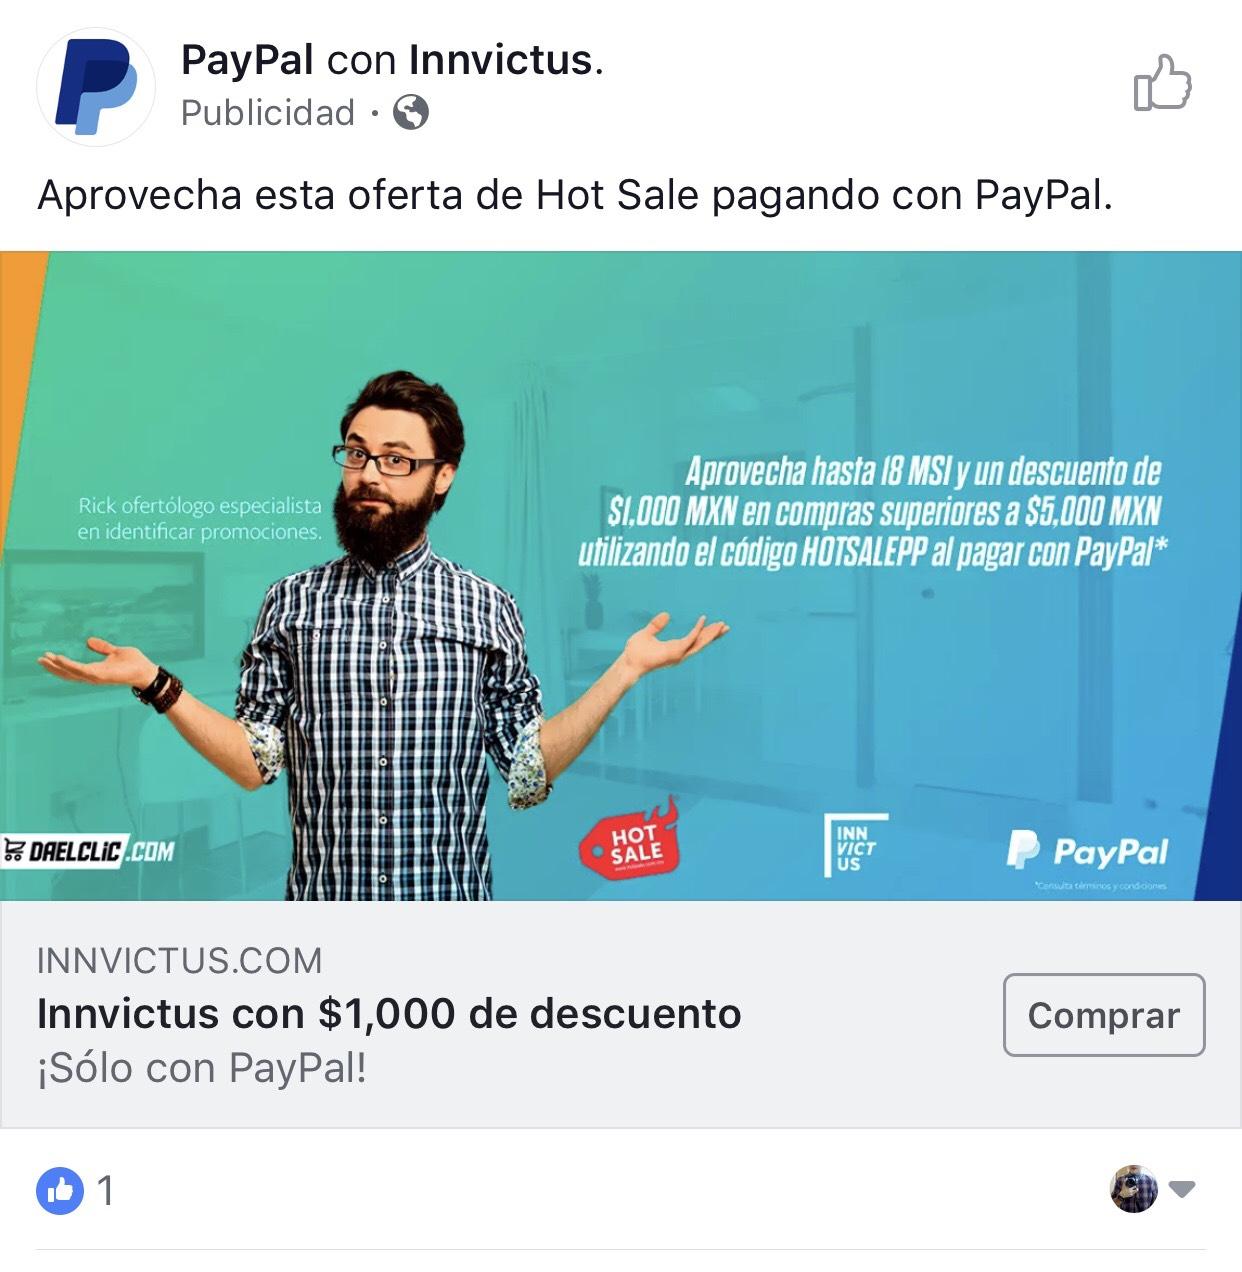 Hot Sale 2018 en Innvictus: Descuento de $1000 pagando $5000 con PayPal